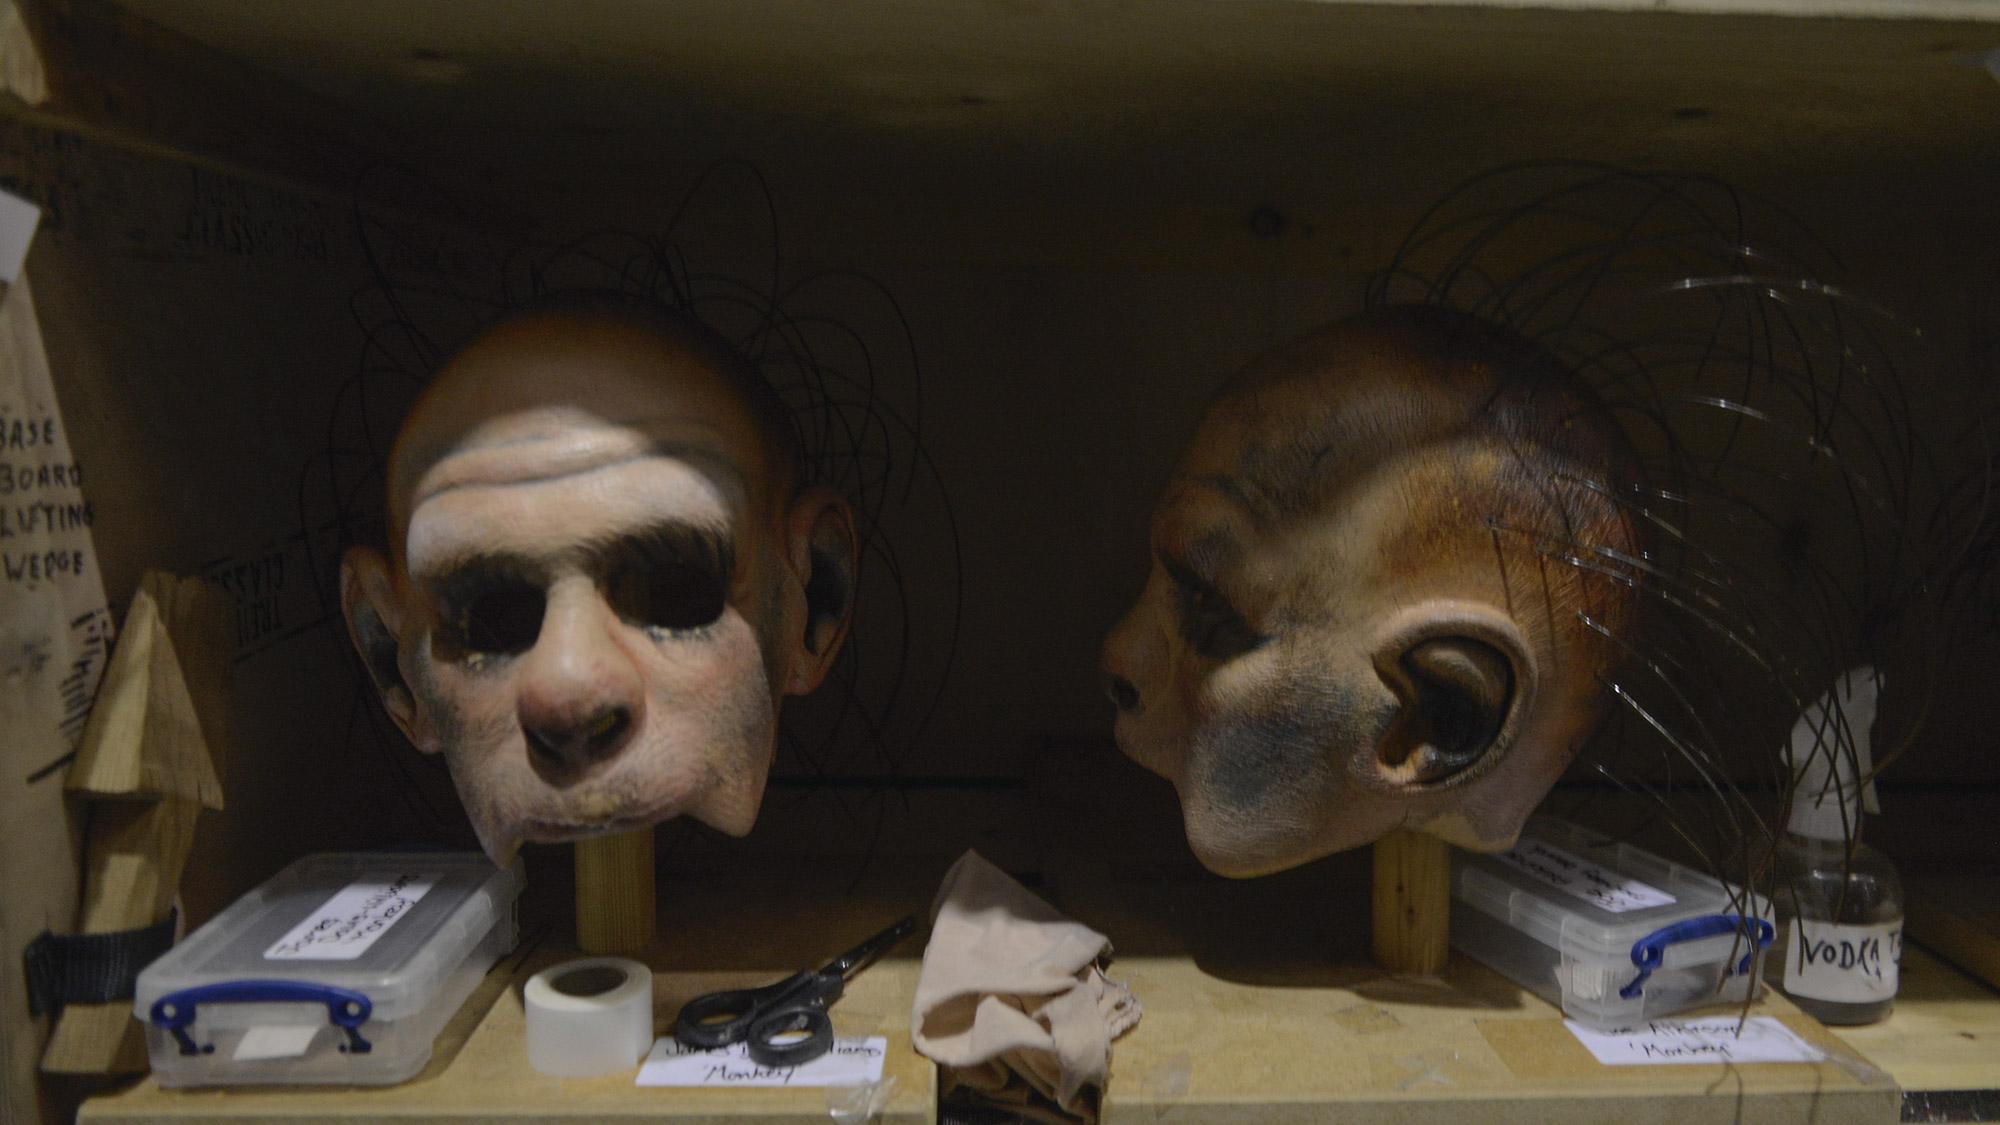 Alles handgemacht: Die 350 Kostüme, 75 Perücken und die Affenmasken sind für jeden Darsteller von Hand gefertigt.